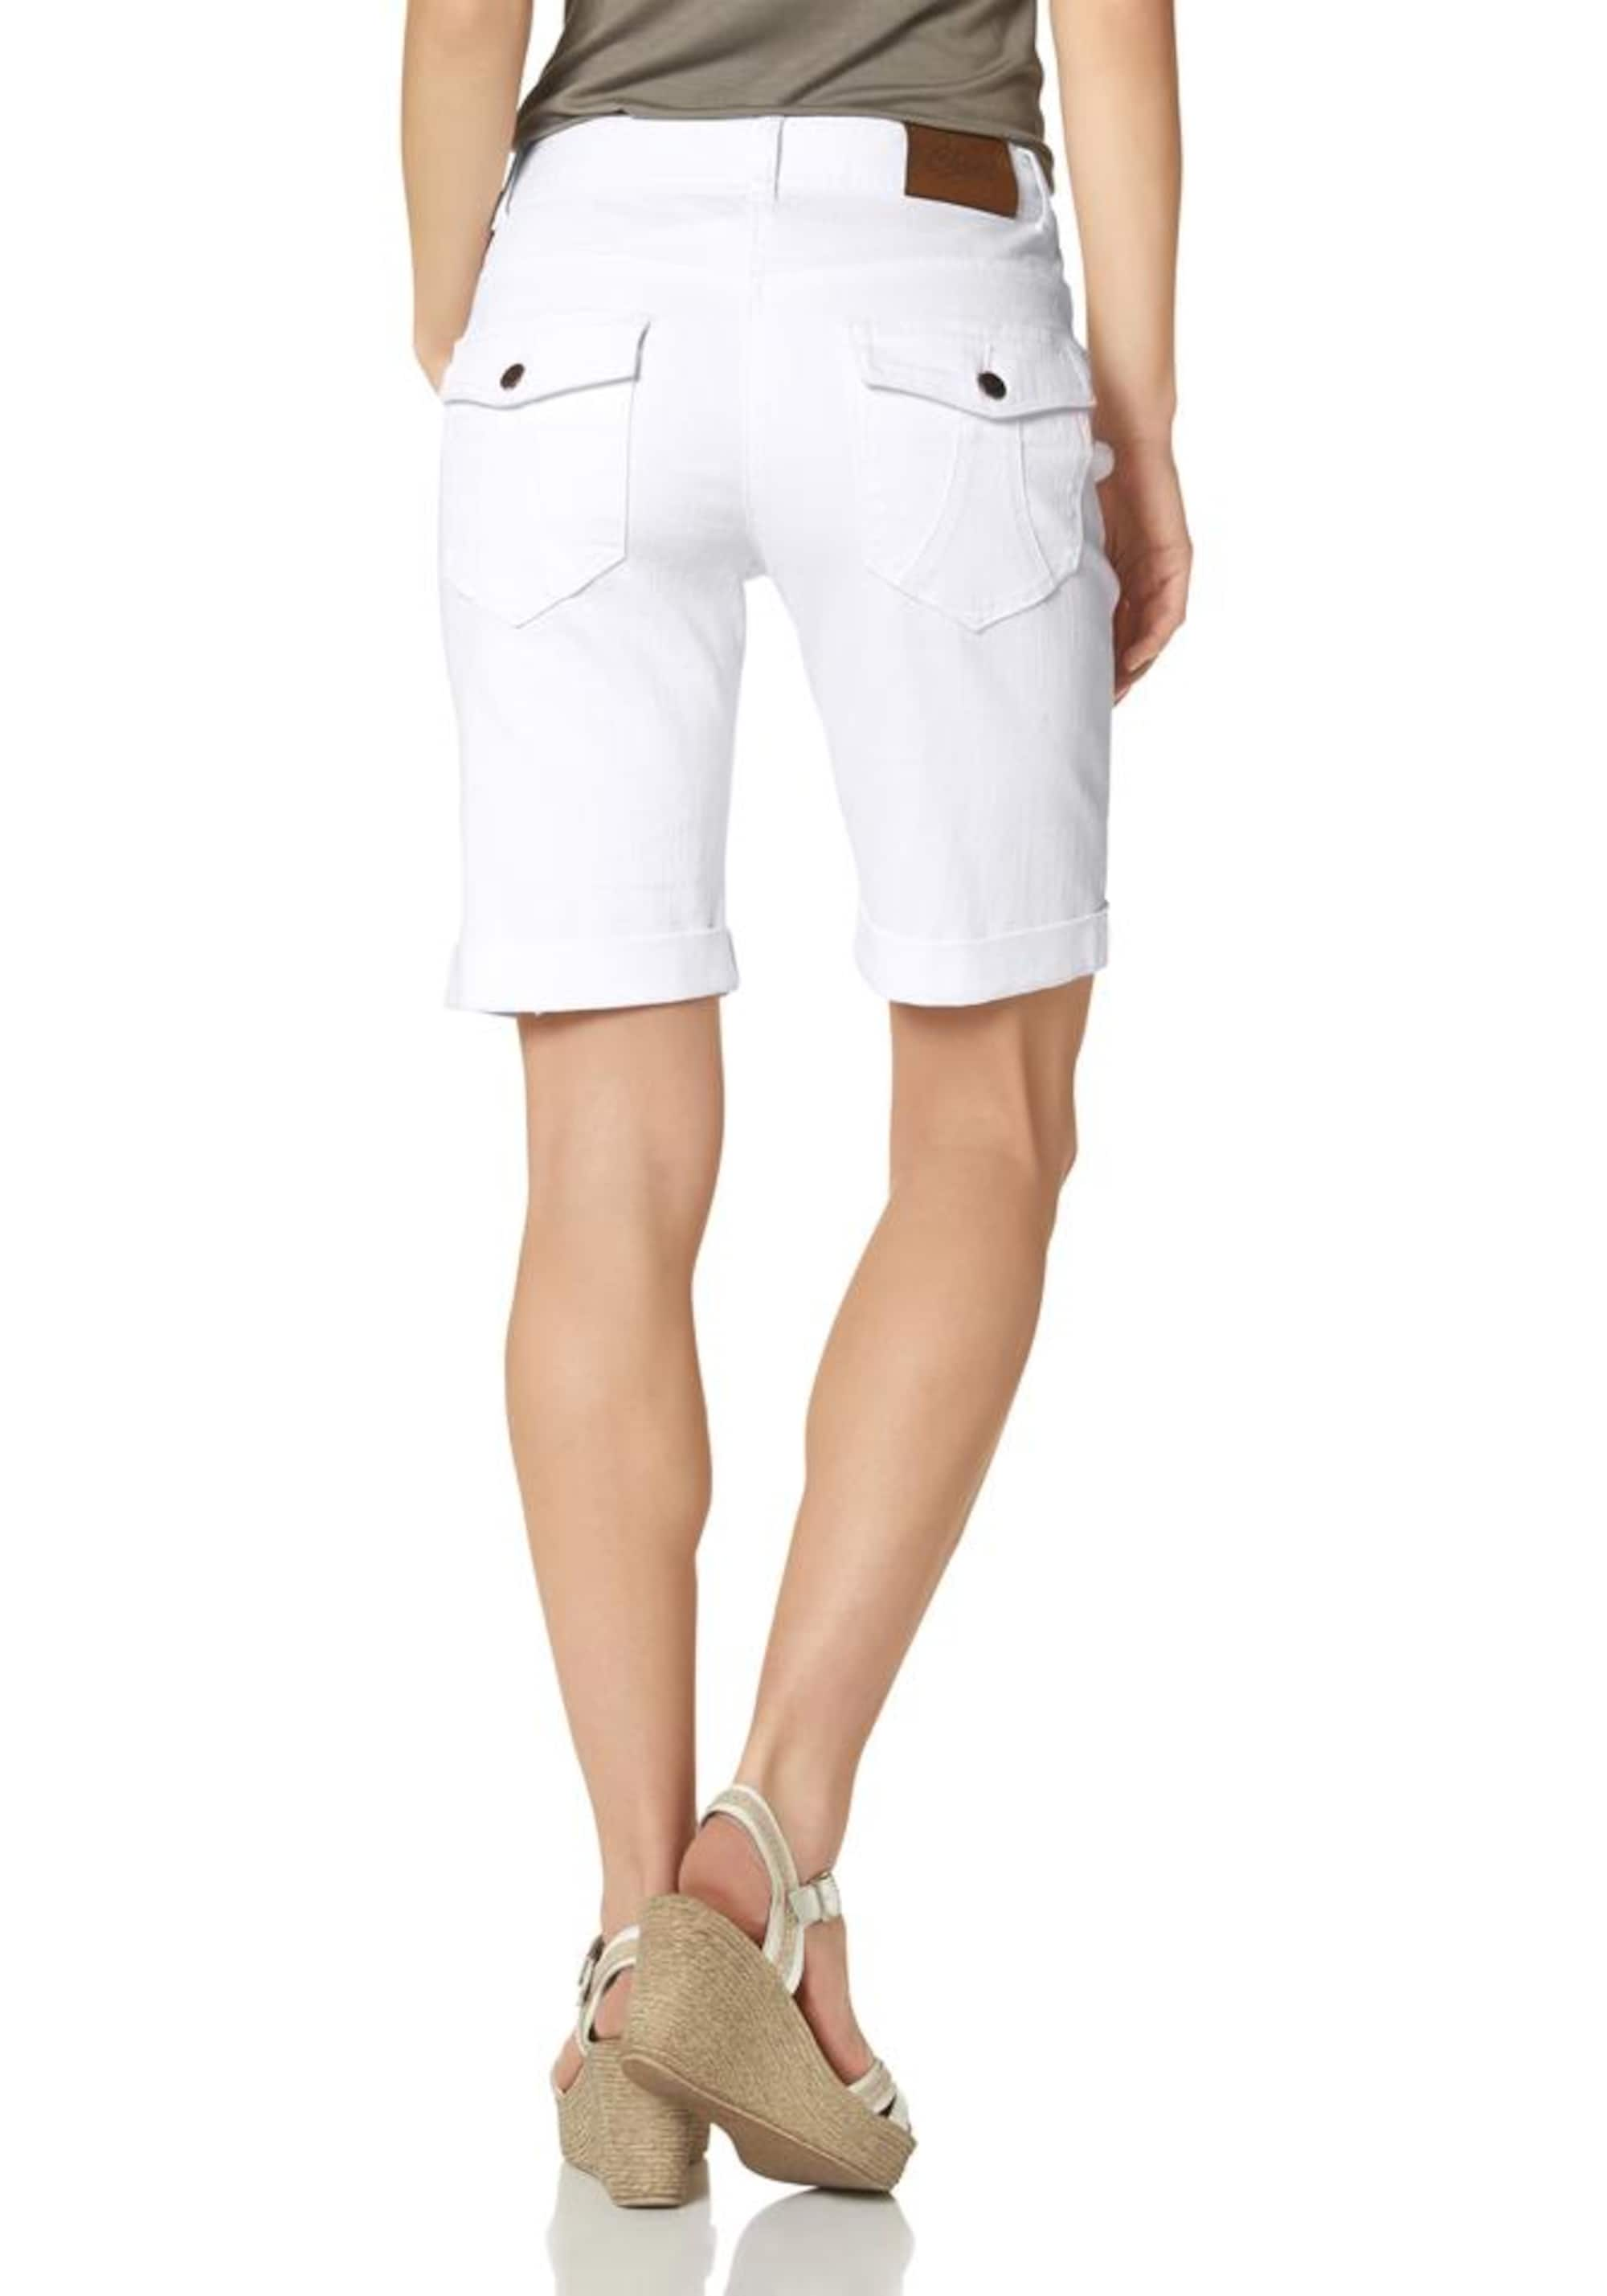 CHEER Jeansy  biały